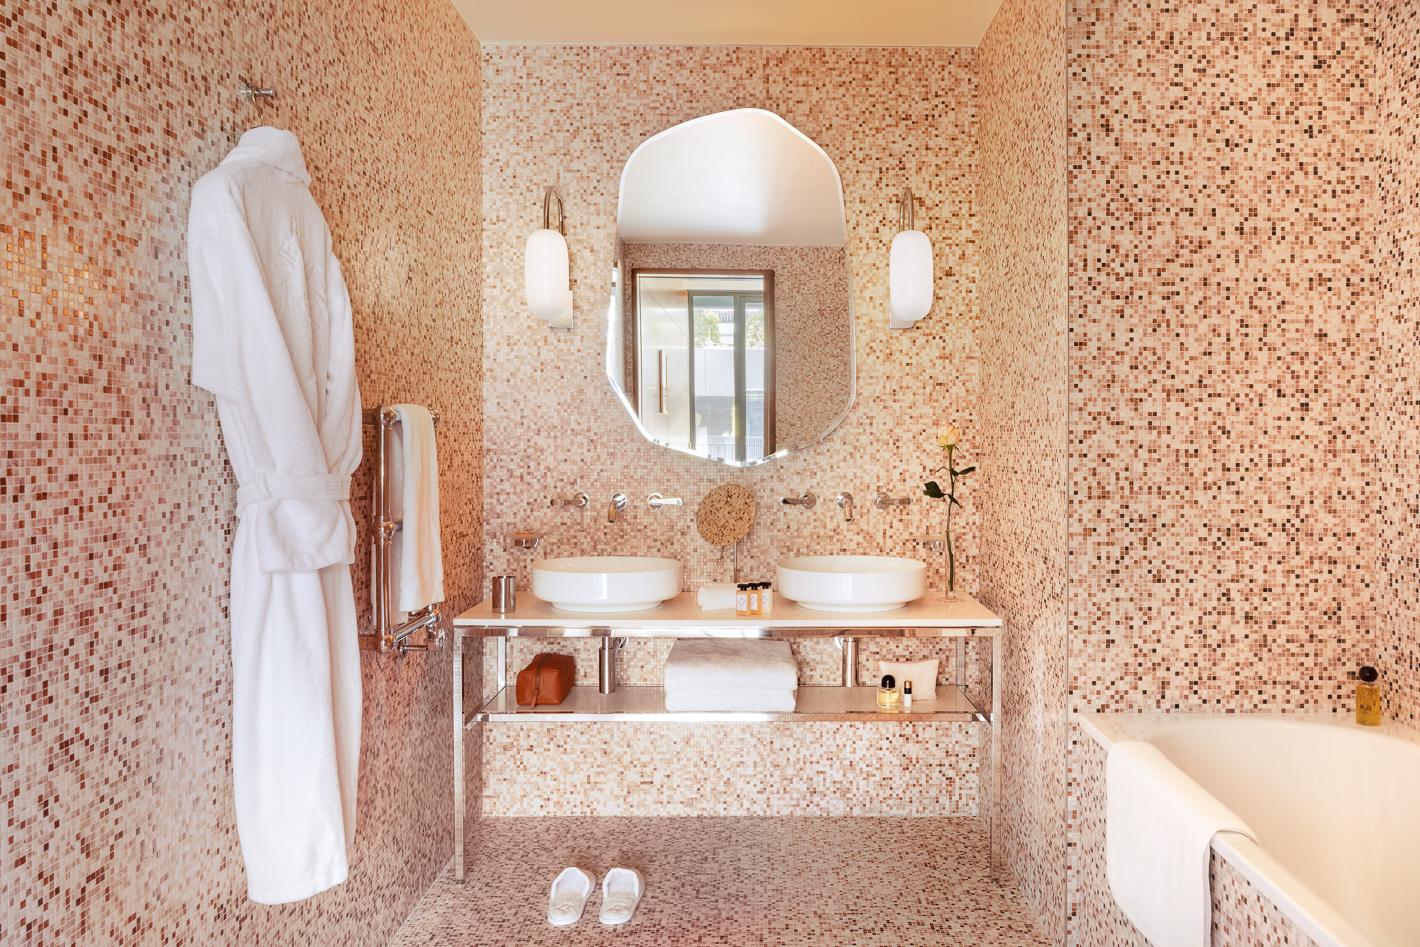 executive-salle-de-bain-hotel-madame-reve-1